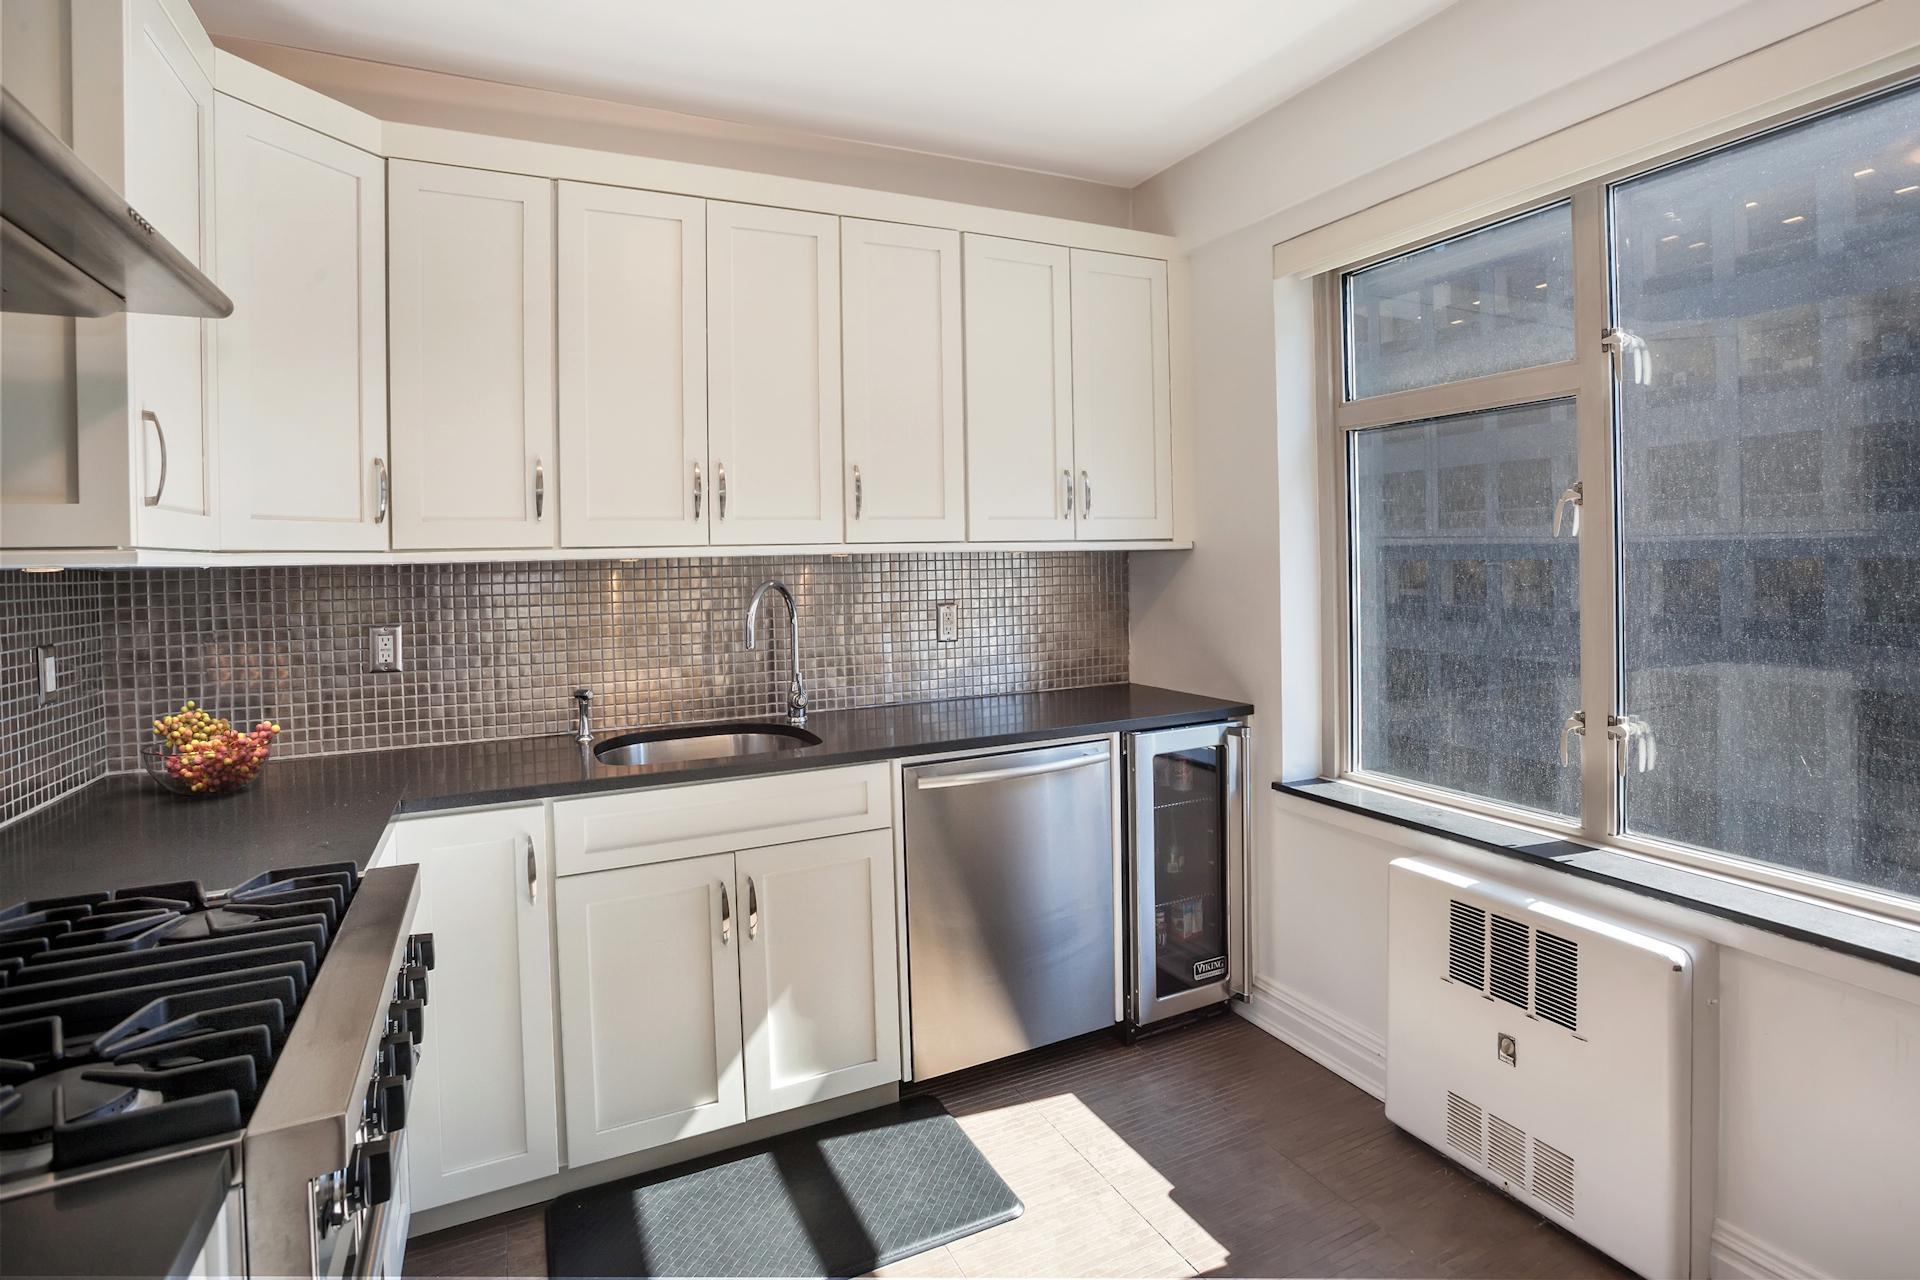 200_kitchen.jpg